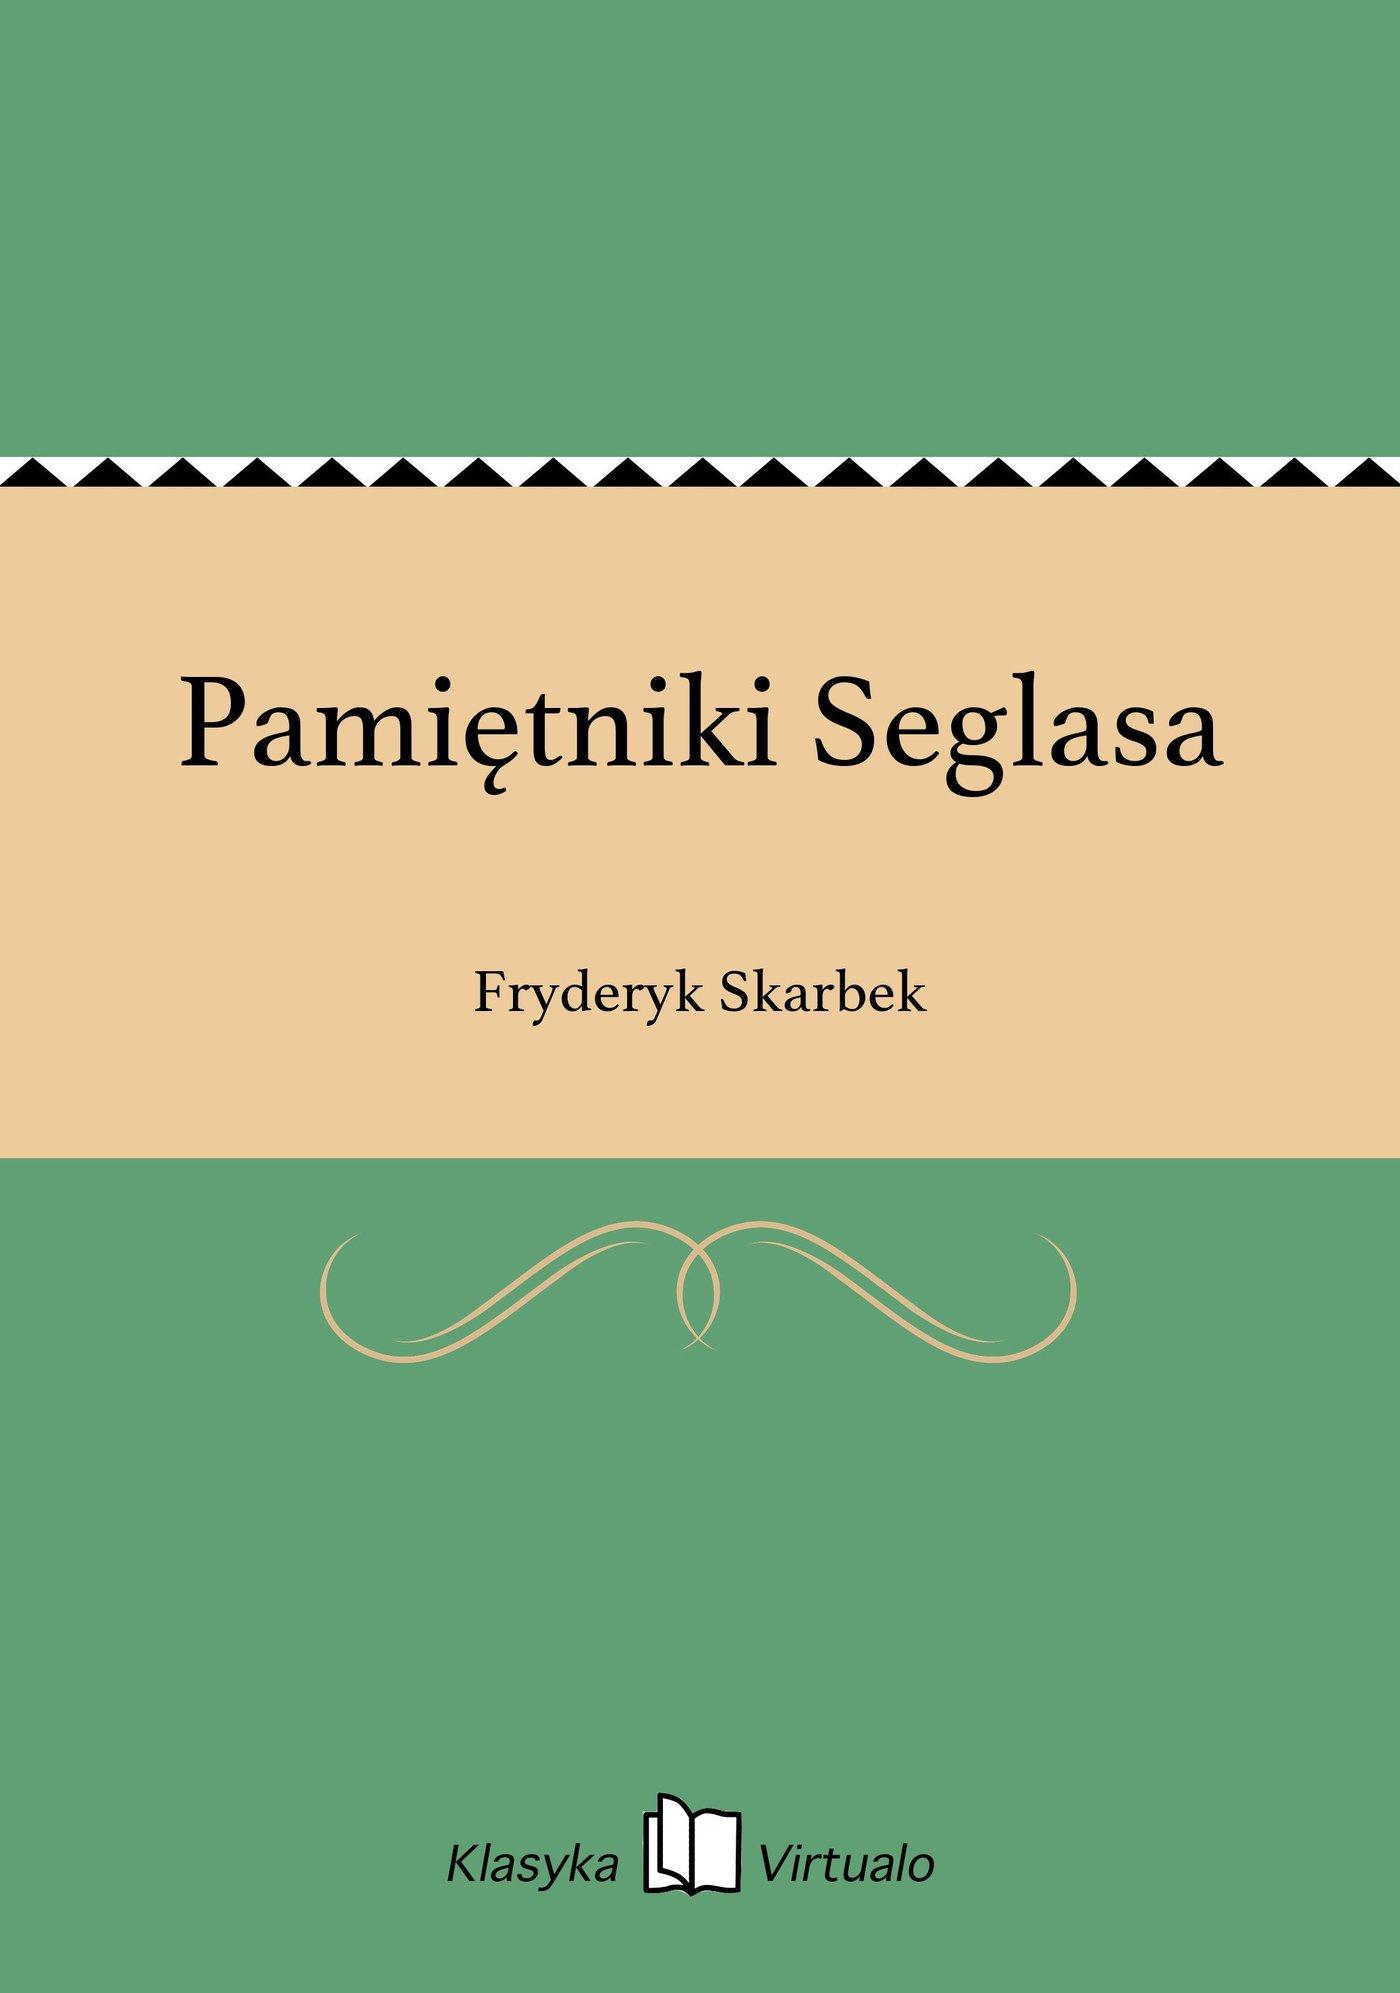 Pamiętniki Seglasa - Ebook (Książka EPUB) do pobrania w formacie EPUB